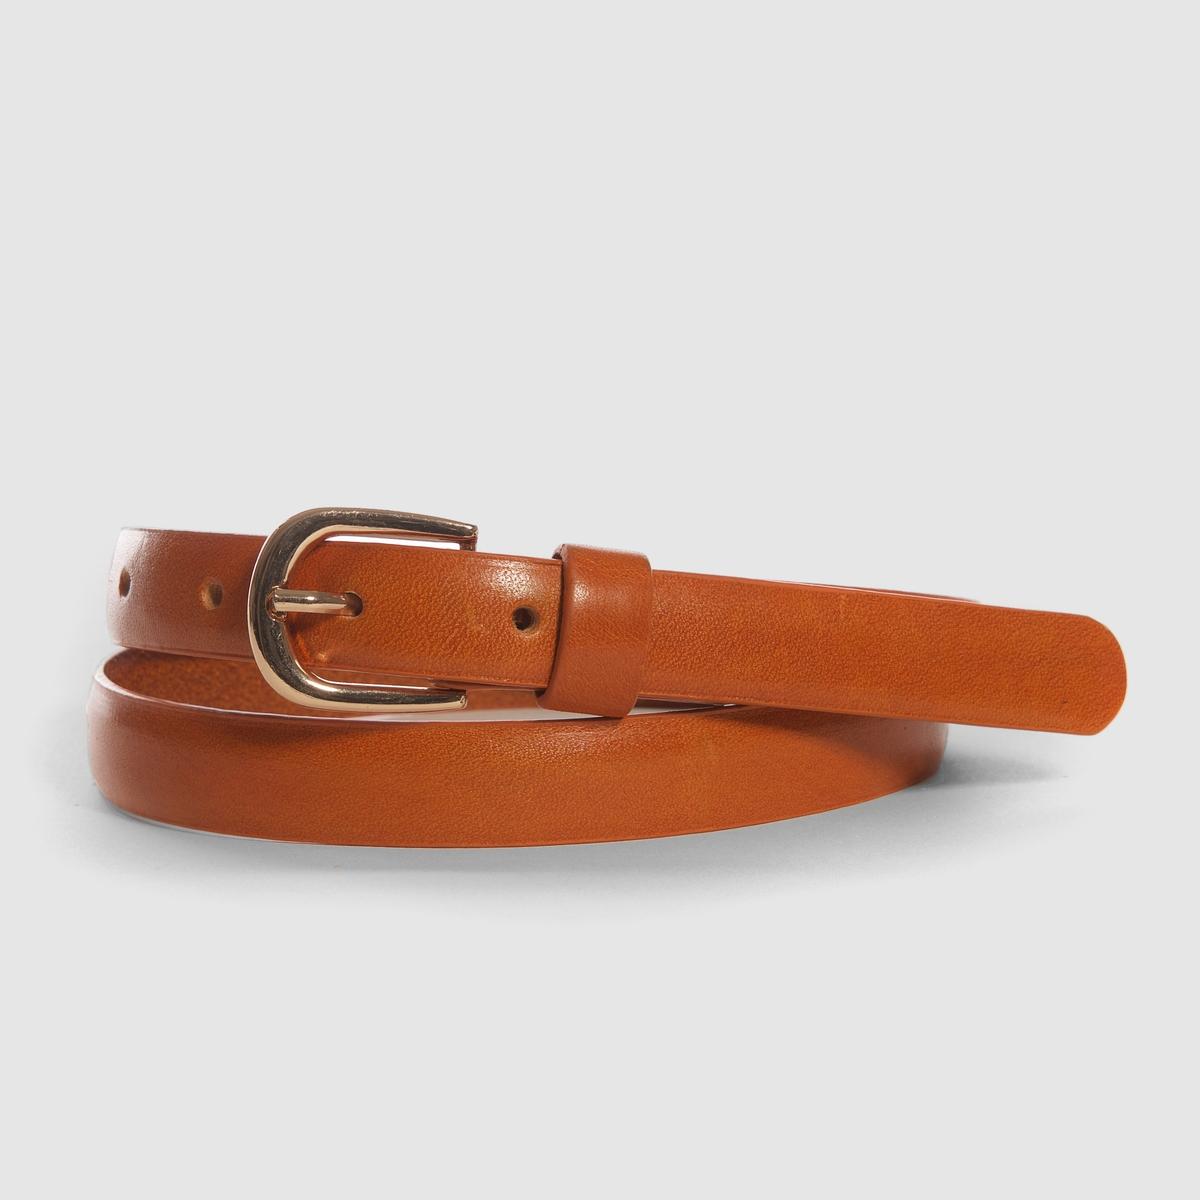 Ремень тонкий кожаныйСостав и описаниеМатериал 100% яловичная кожа Марка Atelier RРазмер : 2 см   Застежка : металлическая пряжка<br><br>Цвет: темно-бежевый,черный